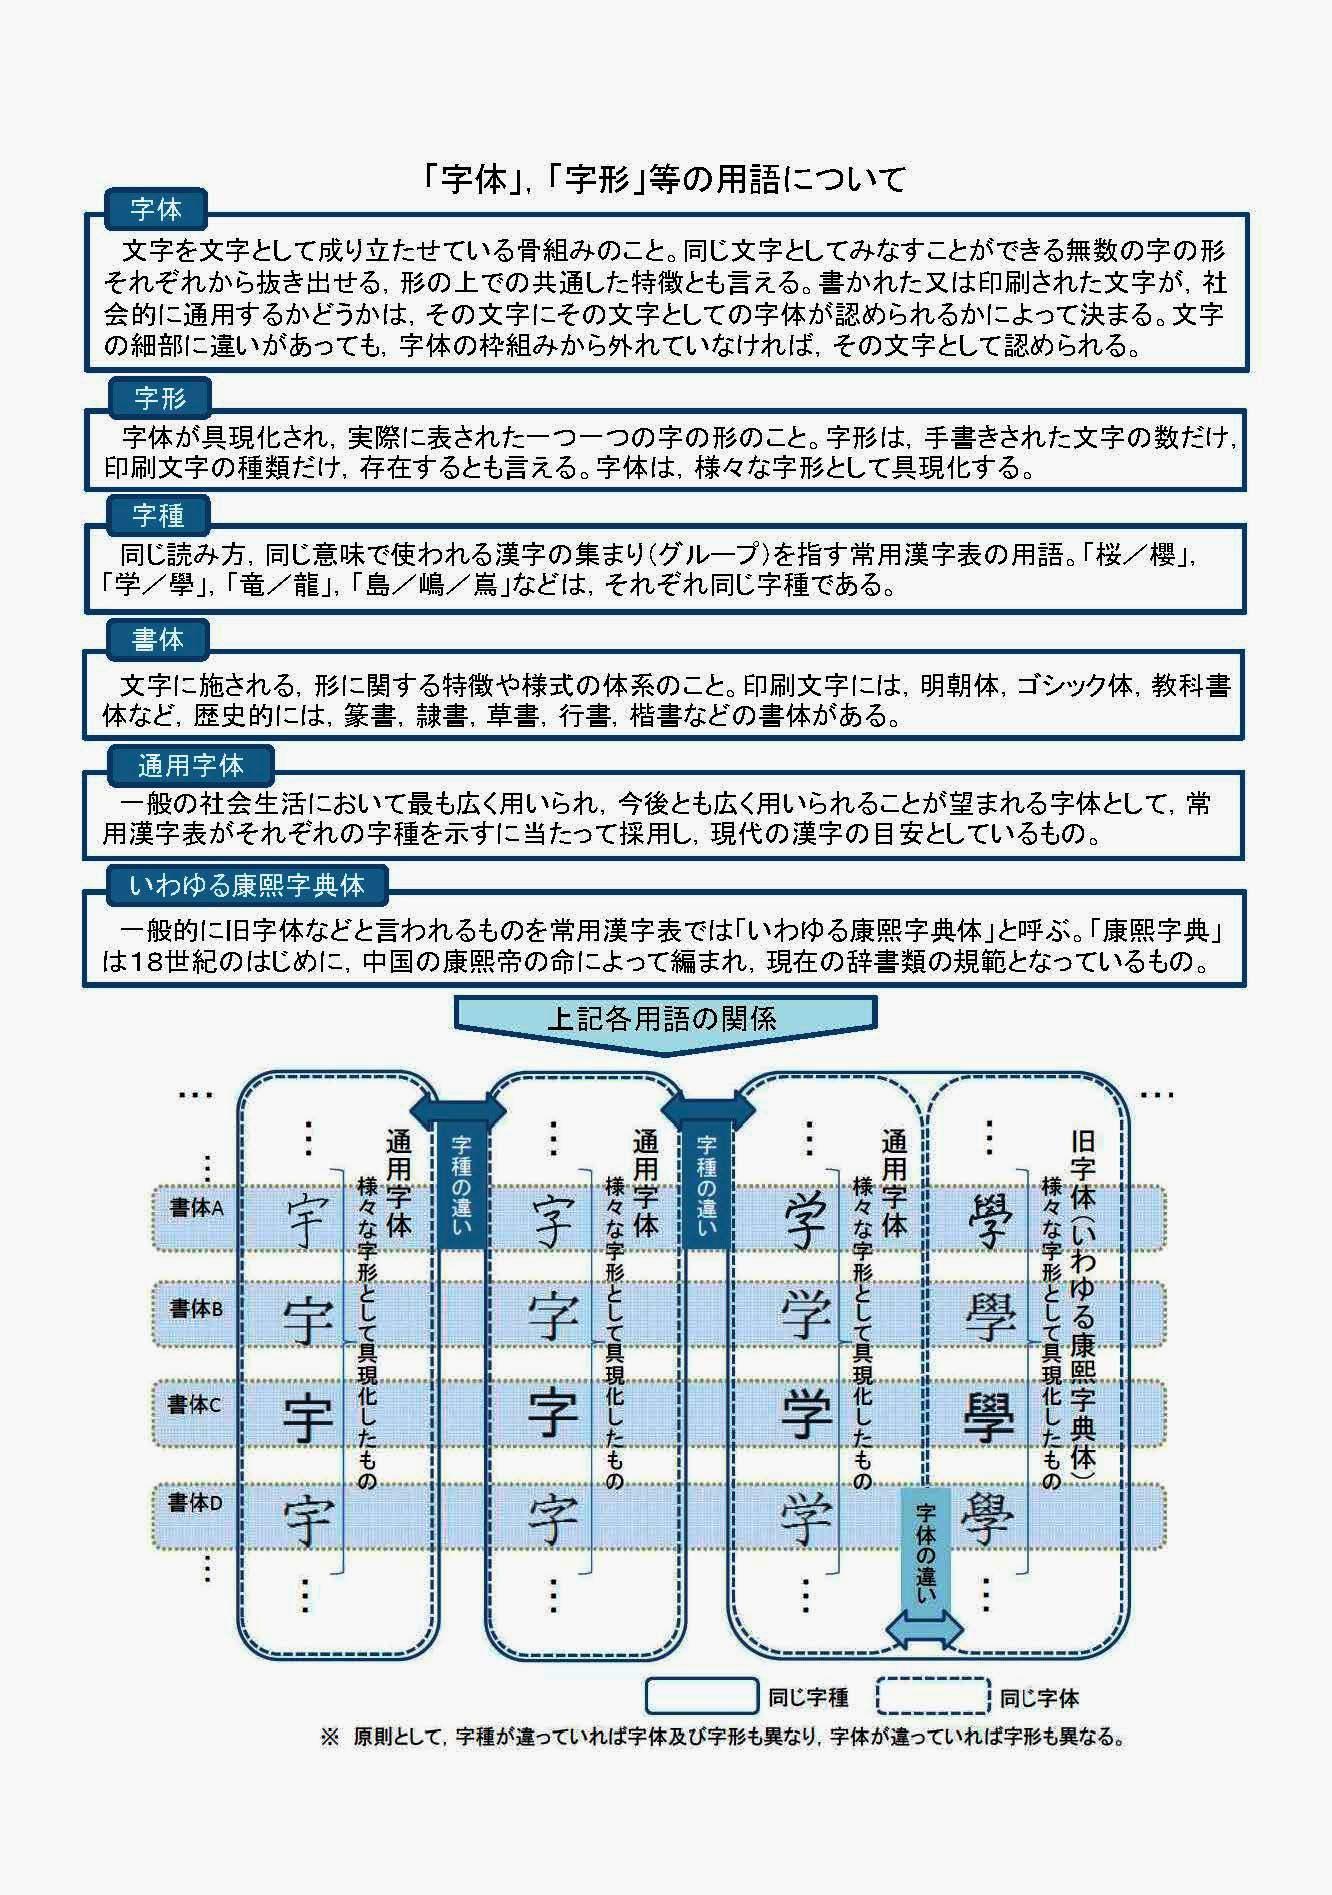 文化庁03